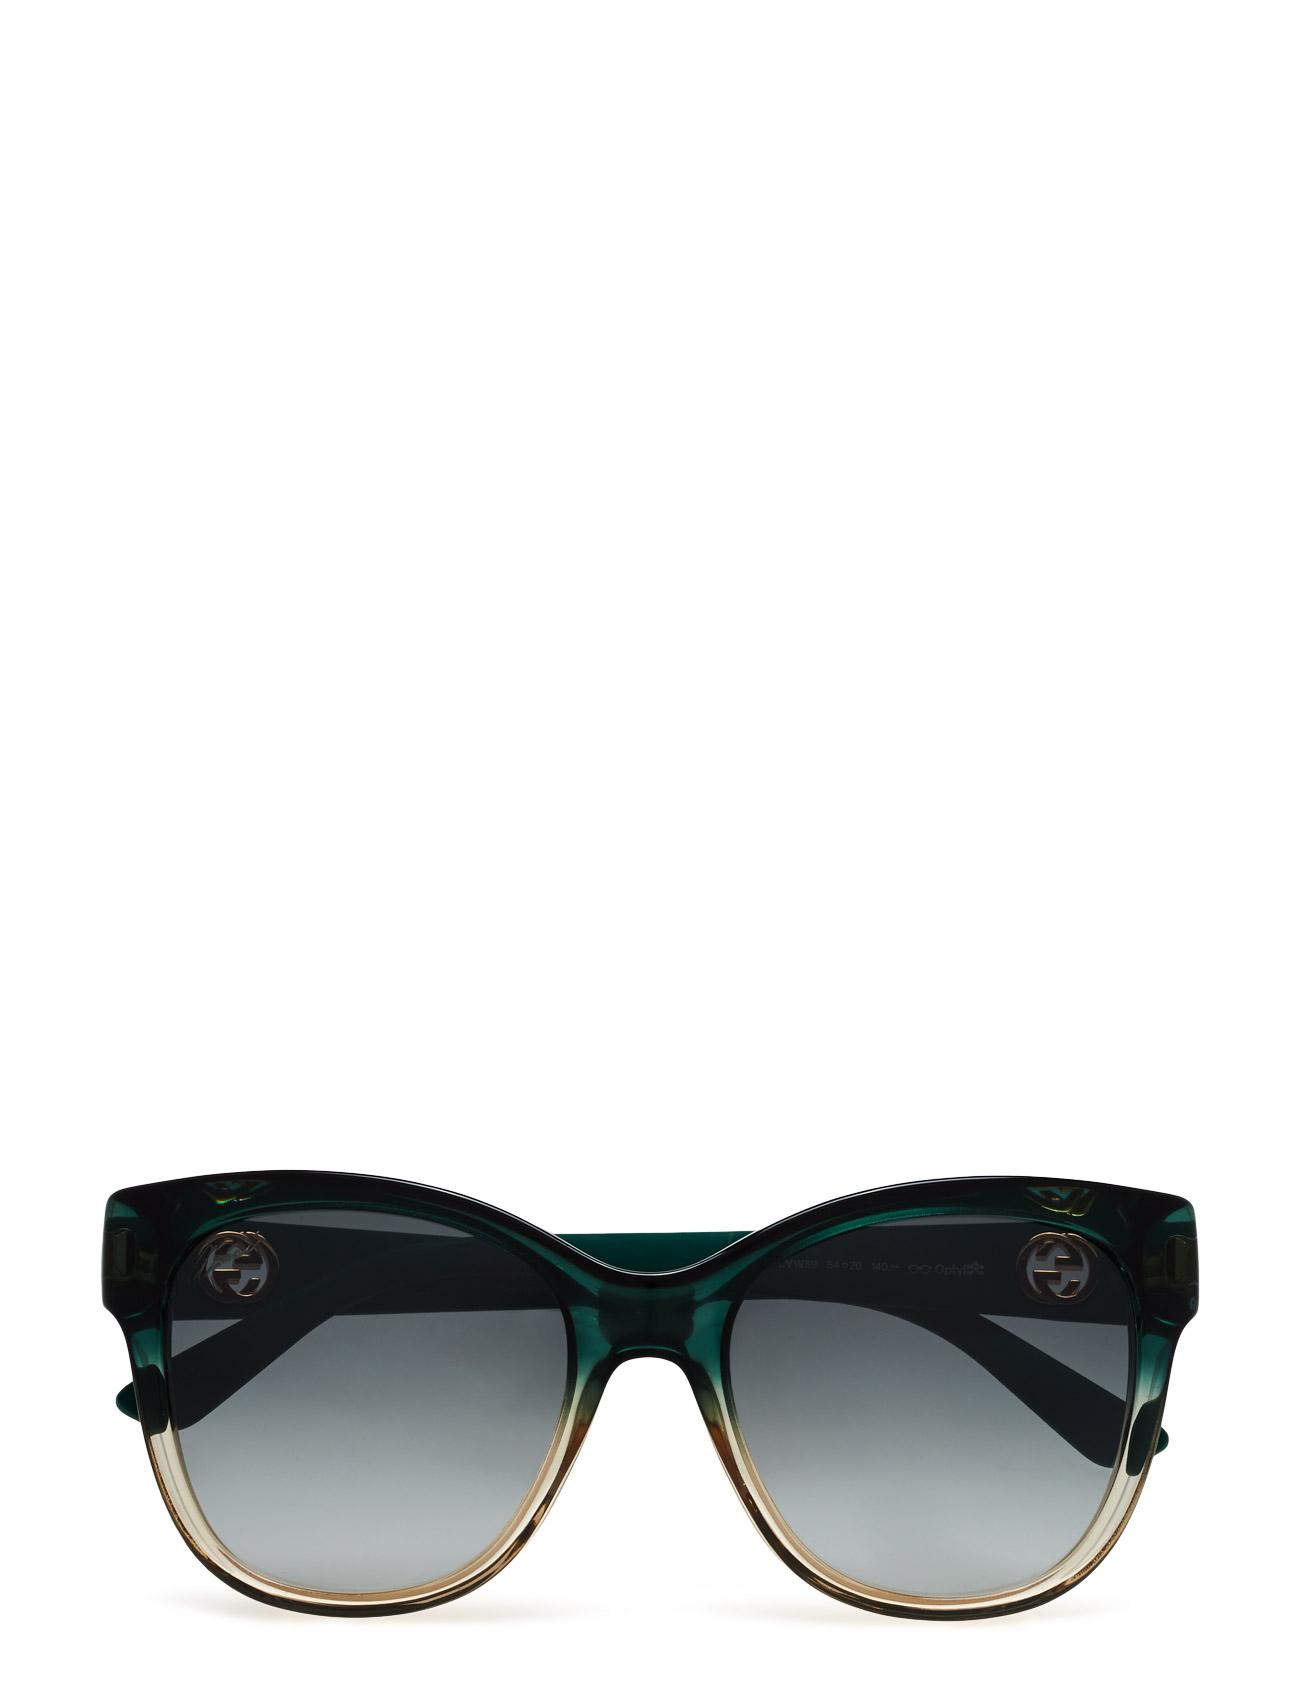 Gg 3786/S Gucci Sunglasses Solbriller til Kvinder i